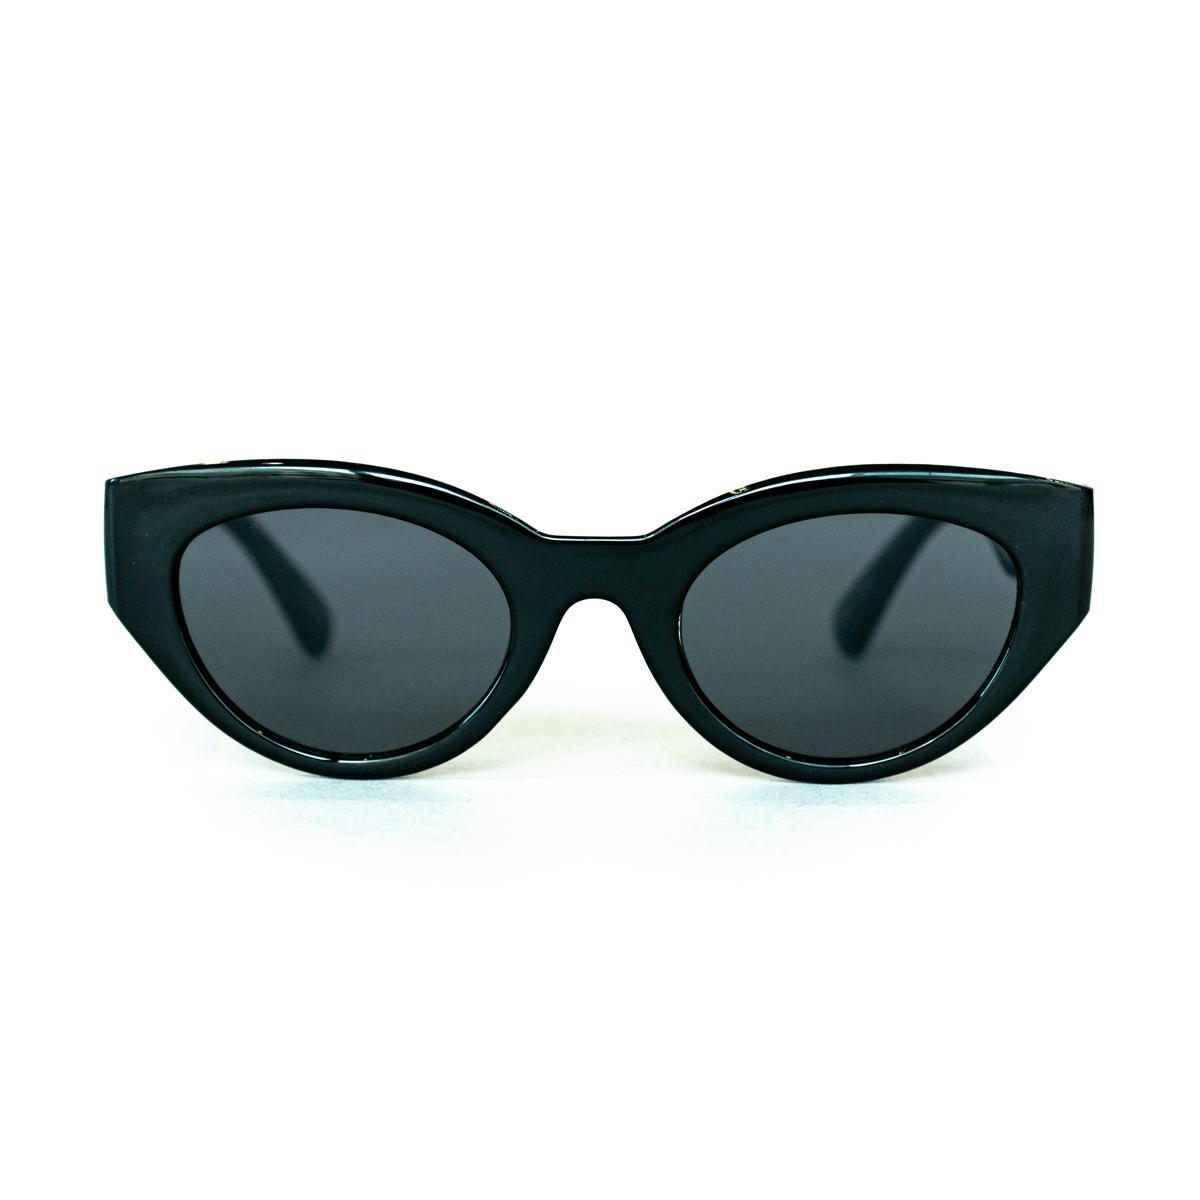 Blinkers Sunglasses - Black